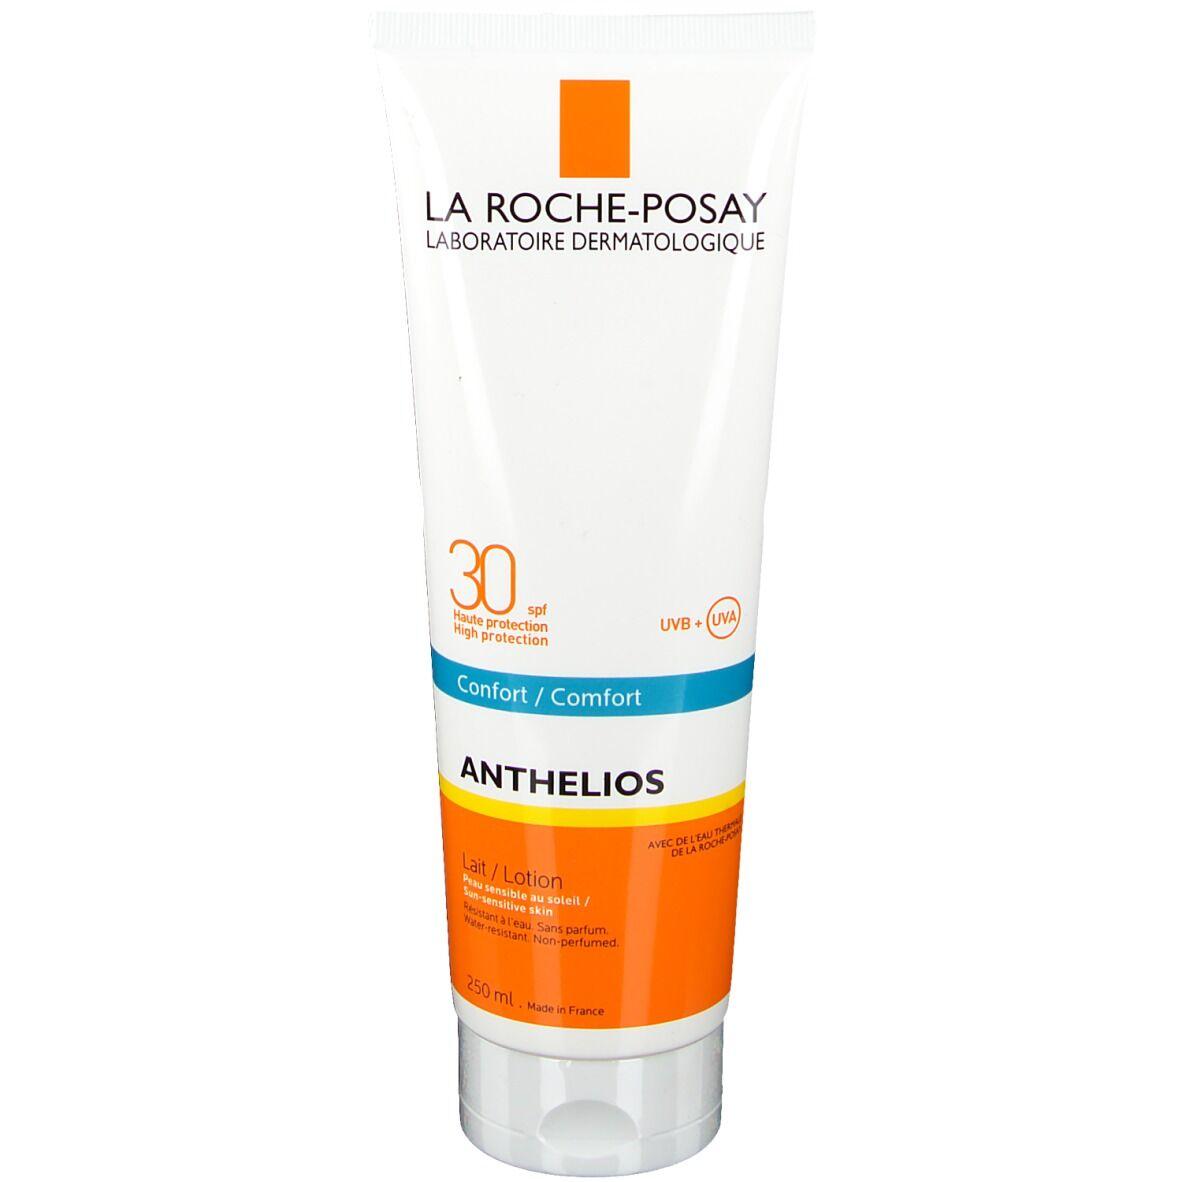 LARoche-Posay-L'orealBelgilux La Roche-Posay Anthélios 30 Lait Solaire ml lait